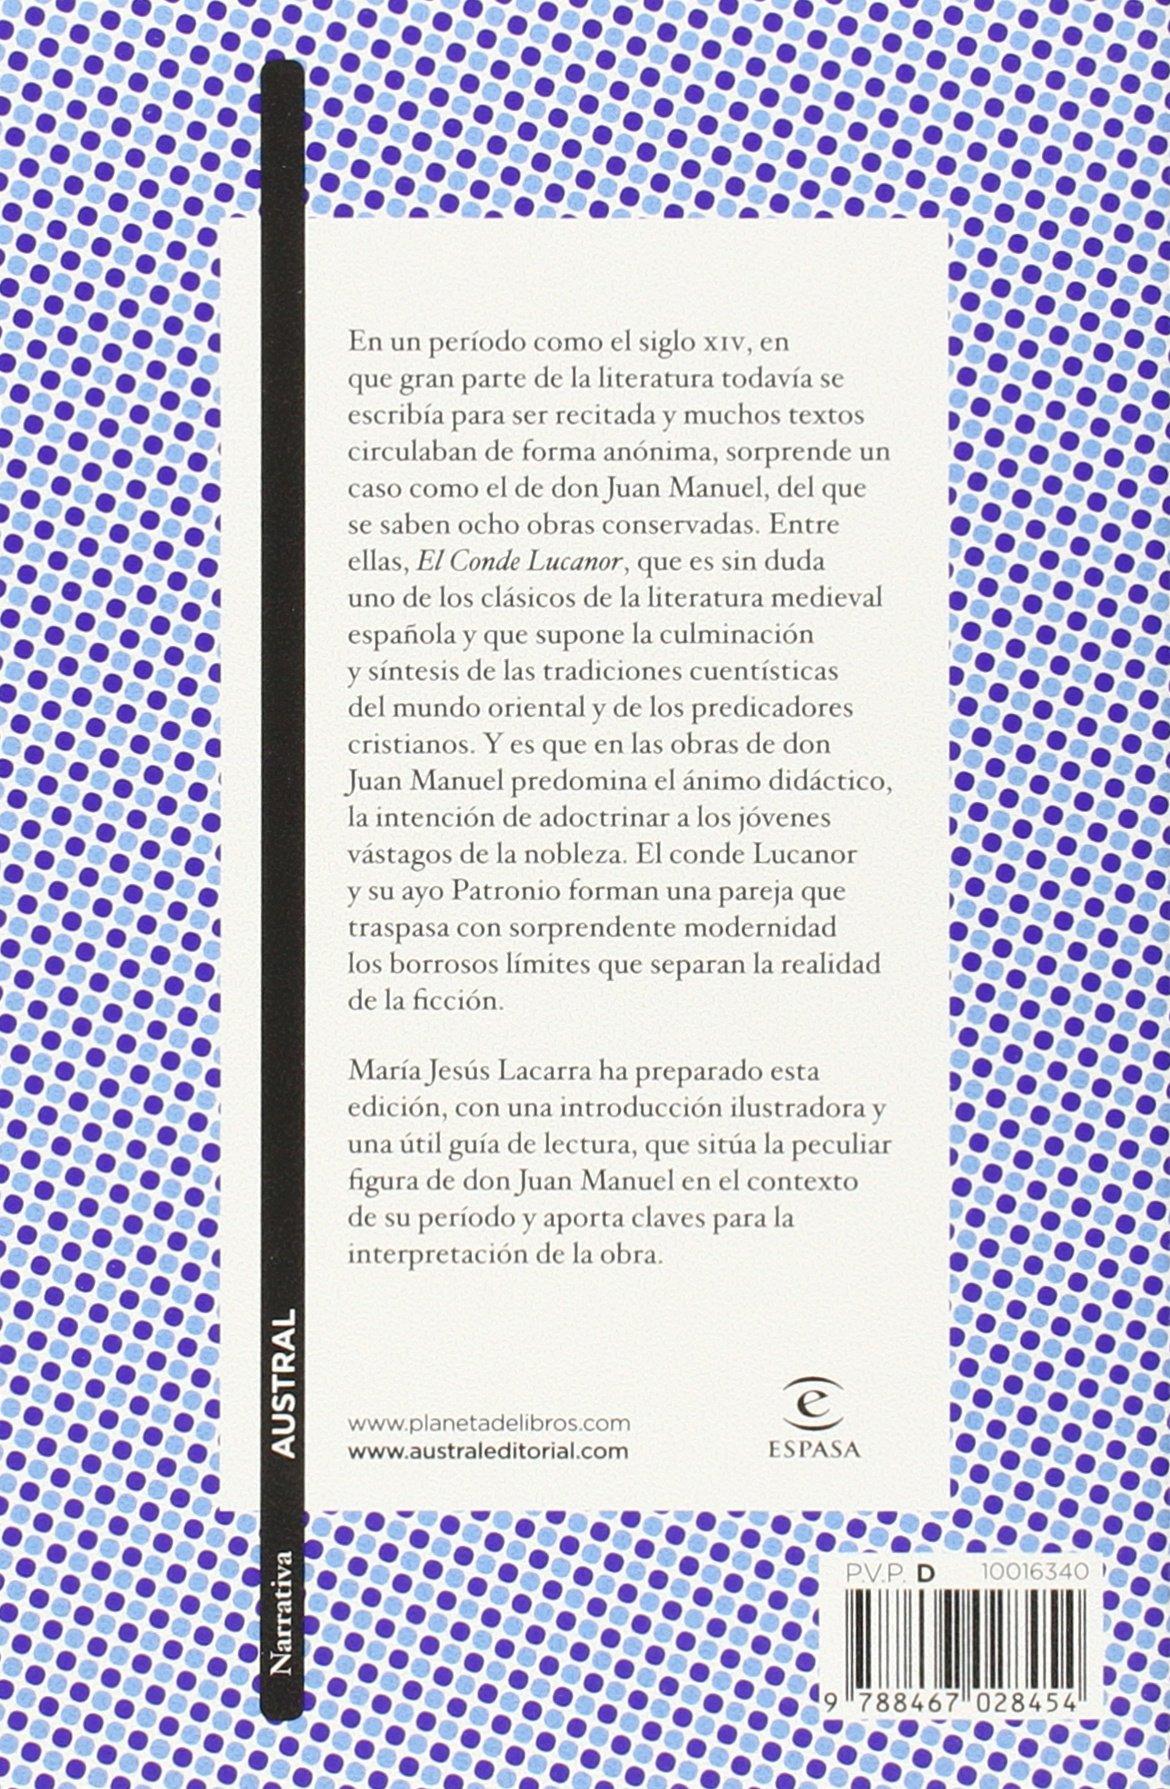 El Conde Lucanor: Edición y guía de lectura de María Jesús Lacarra Narrativa: Amazon.es: Don Juan Manuel: Libros